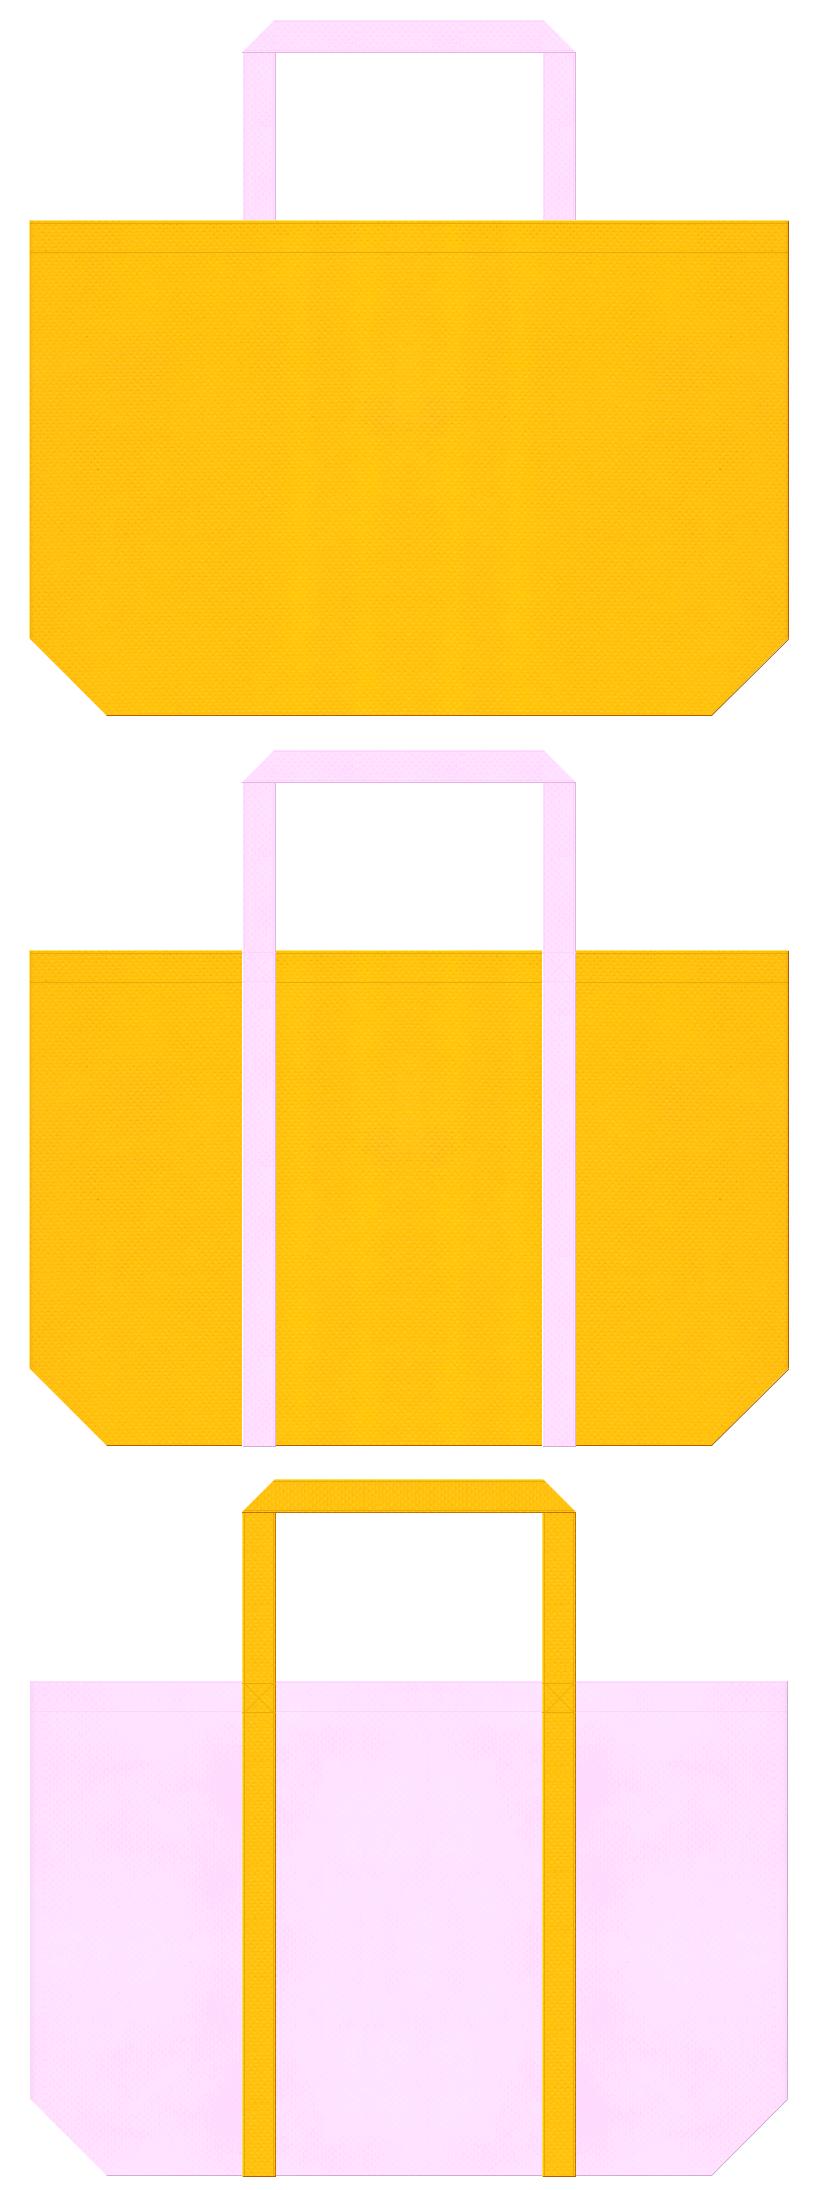 黄色と明るいピンク色の不織布バッグデザイン。保育・幼稚園のイメージにお奨めの配色です。